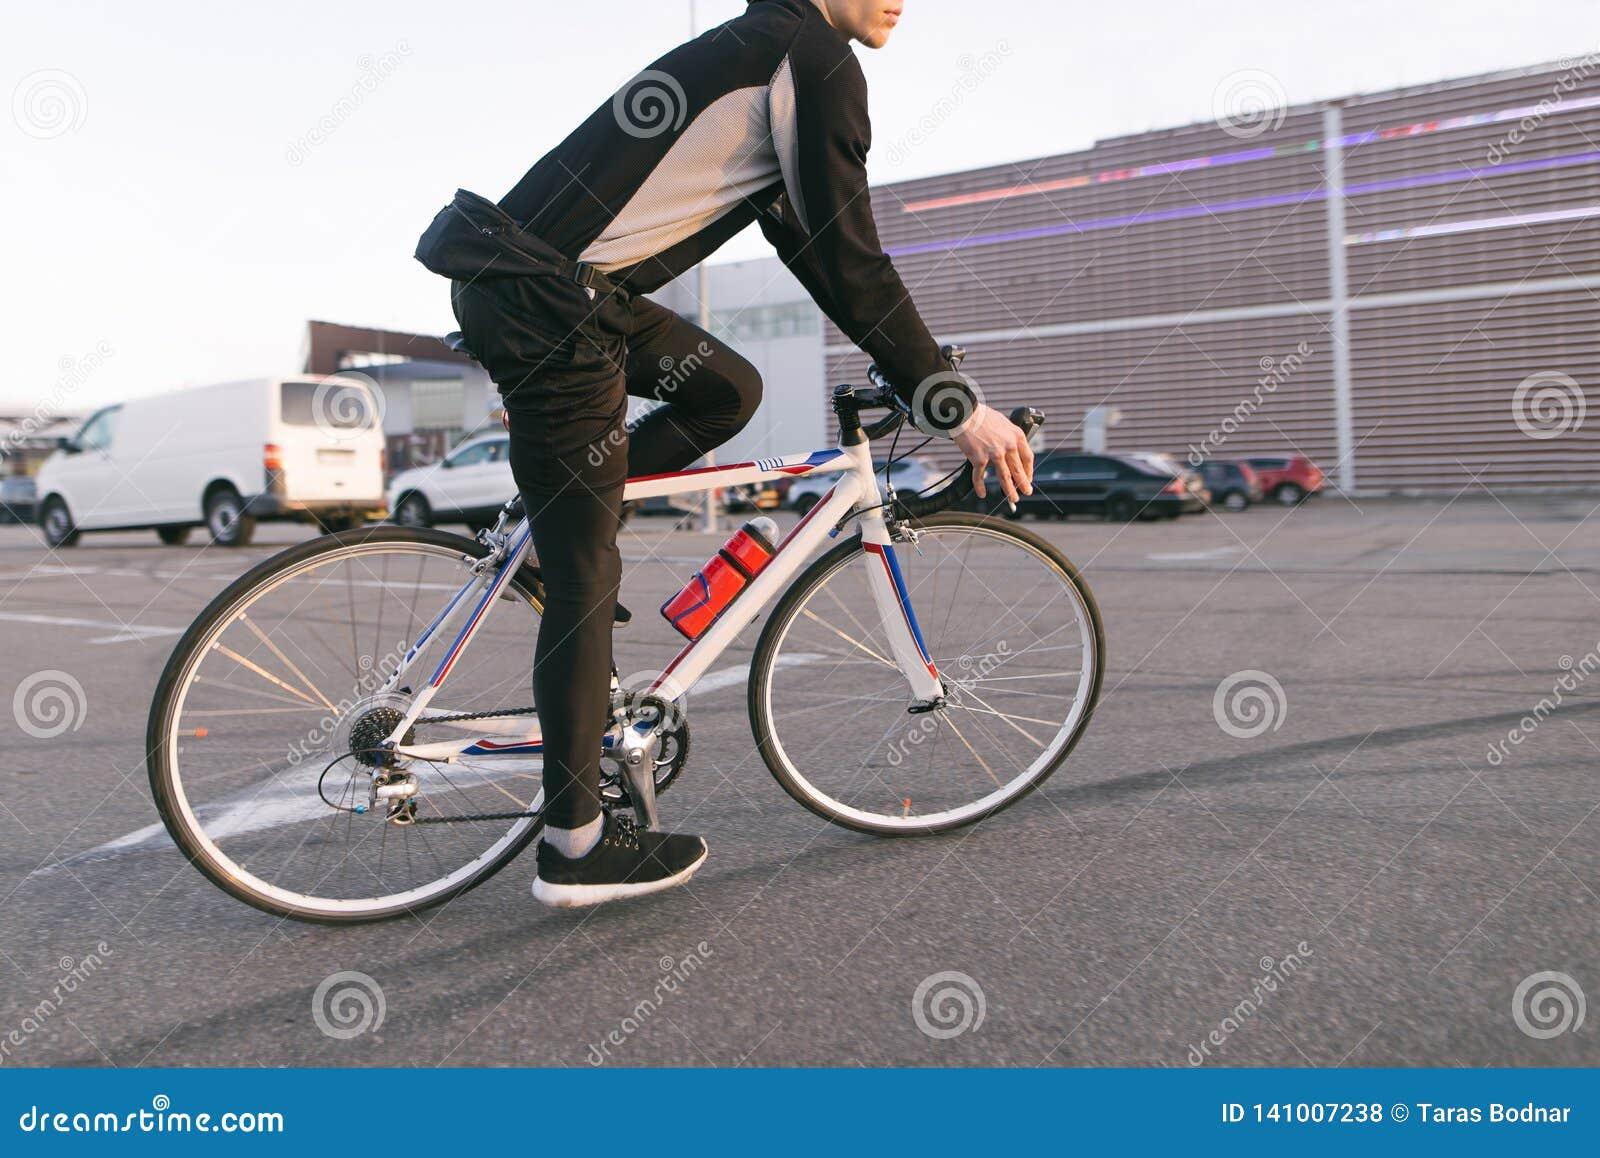 Велосипедист на быстро развивающийся езде велосипеда, езда в парковке, на предпосылке торгового центра